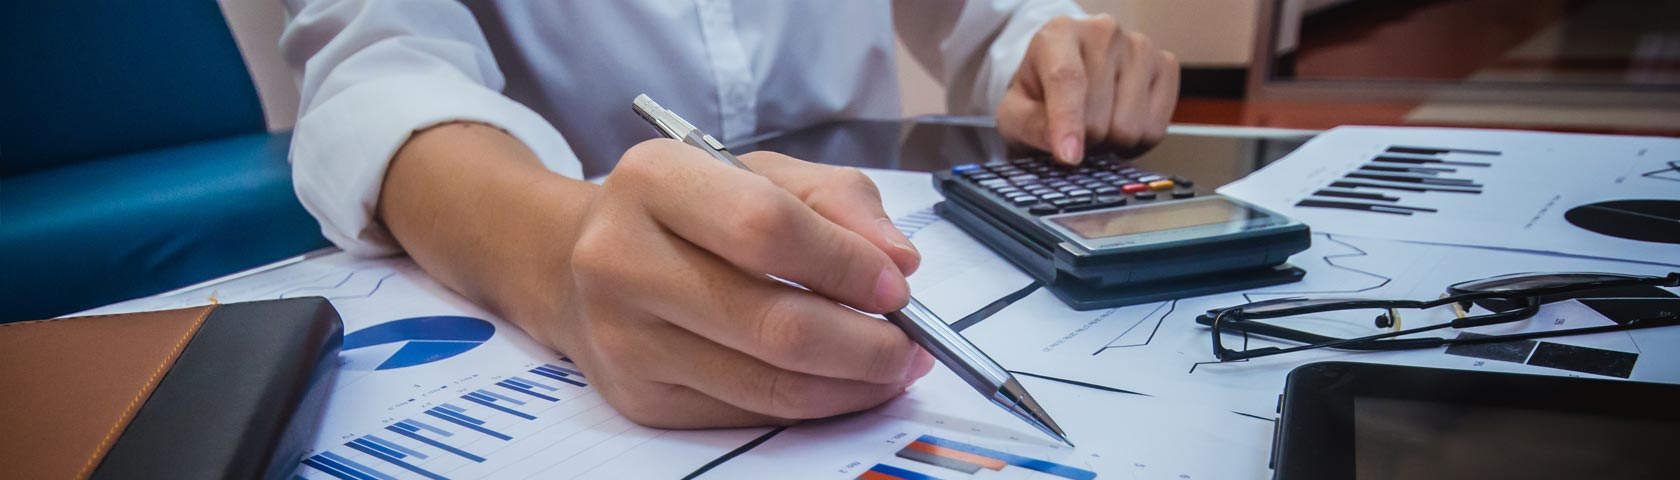 External Audit Academy Education Auditors Accountants